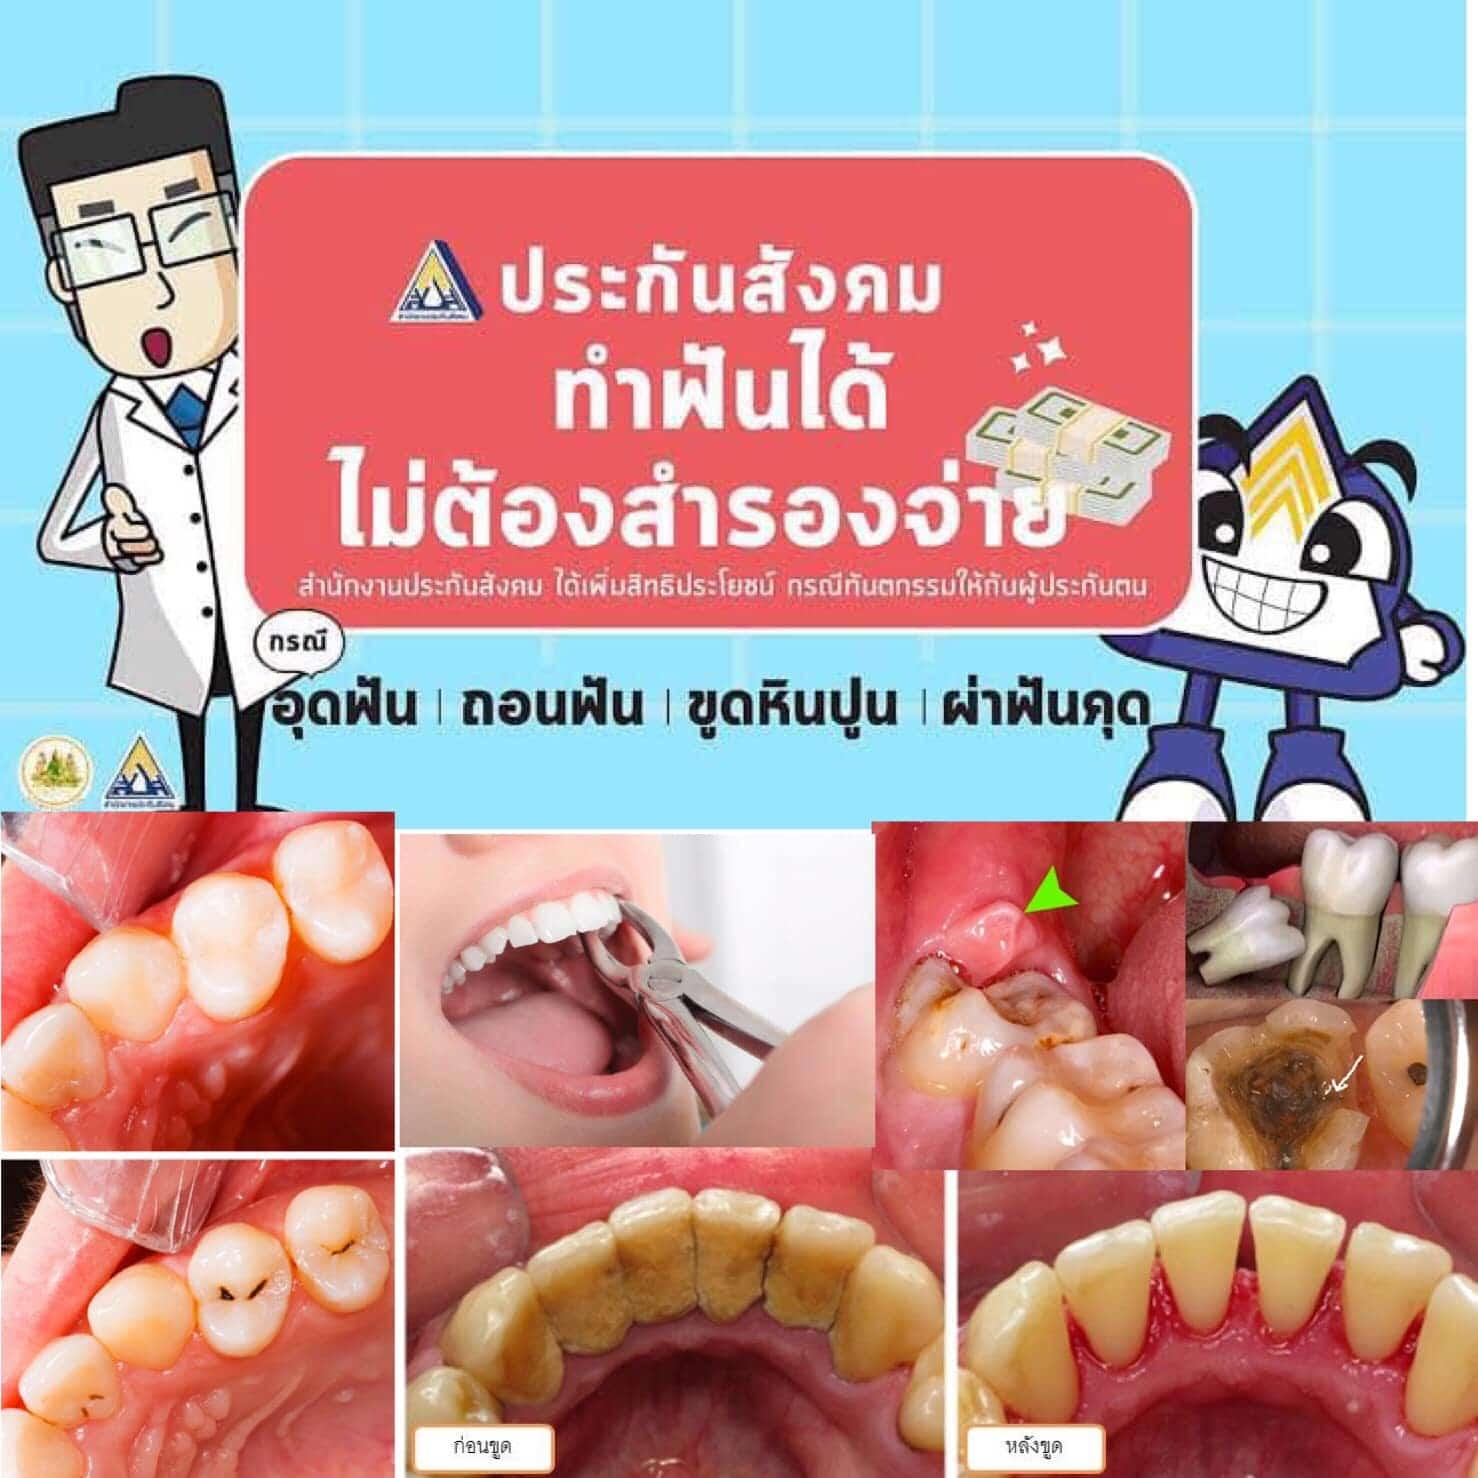 เบิกประกันสังคม ทำฟันฟรี Modern Smile ทำฟัน จัดฟัน ศรีราชา พัทยา